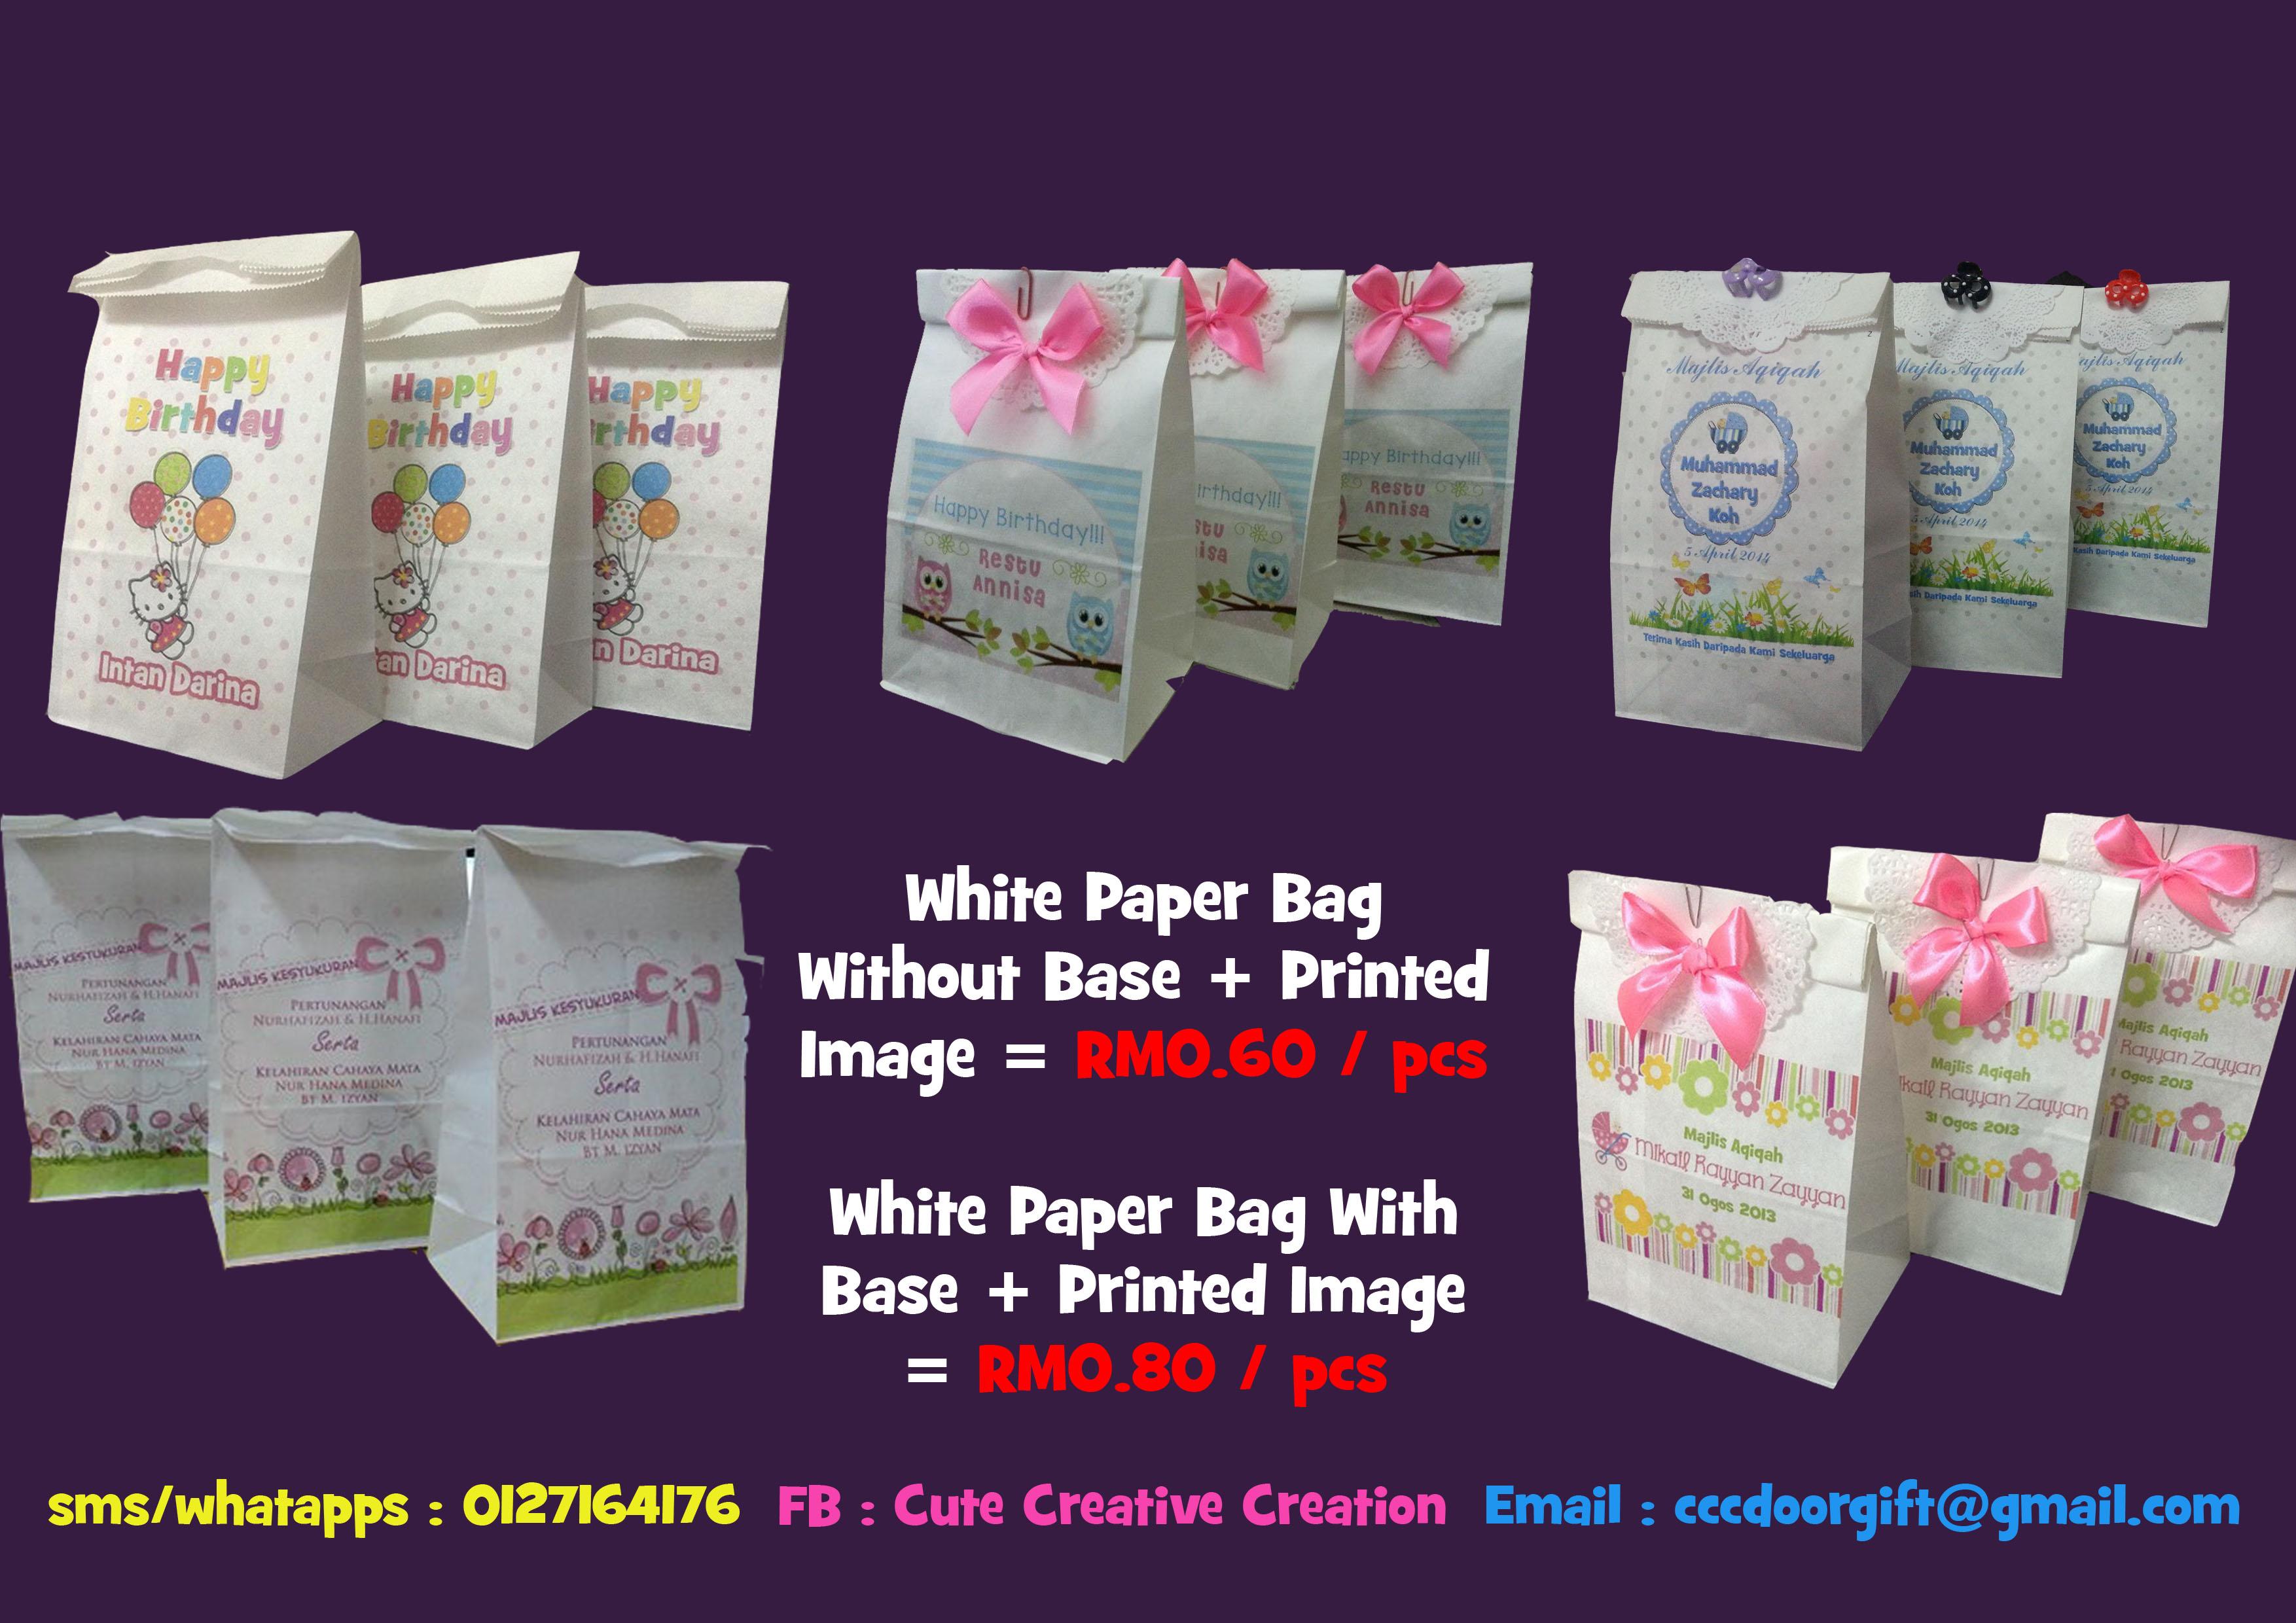 Cute Creative Creation... White Paper Bag